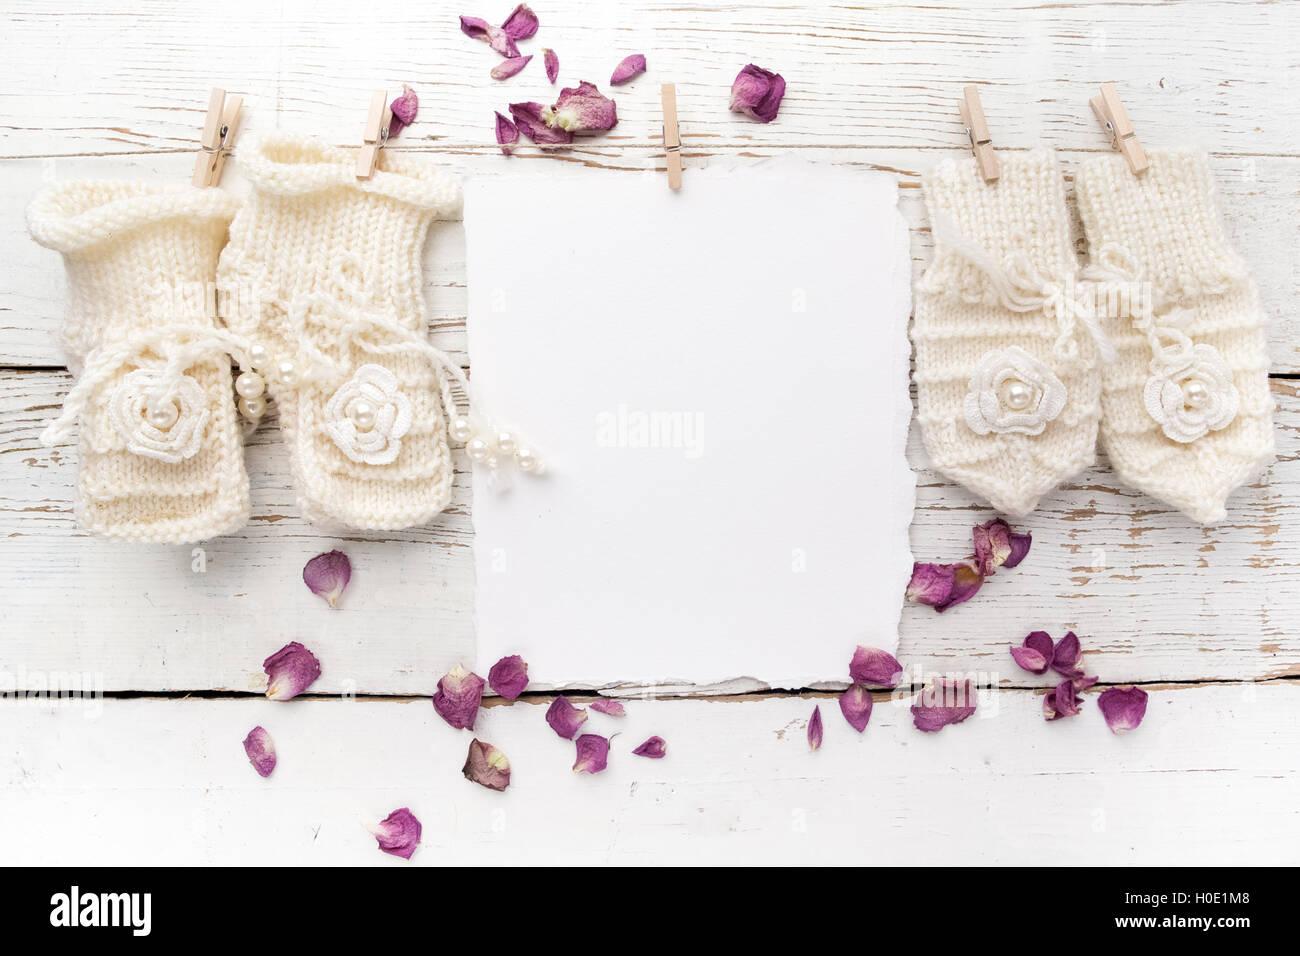 59dfcf4f84761 Nouvelle naissance ou baptême Carte de Vœux. Vide avec gants et chaussures  bébé fille blanc sur fond de bois